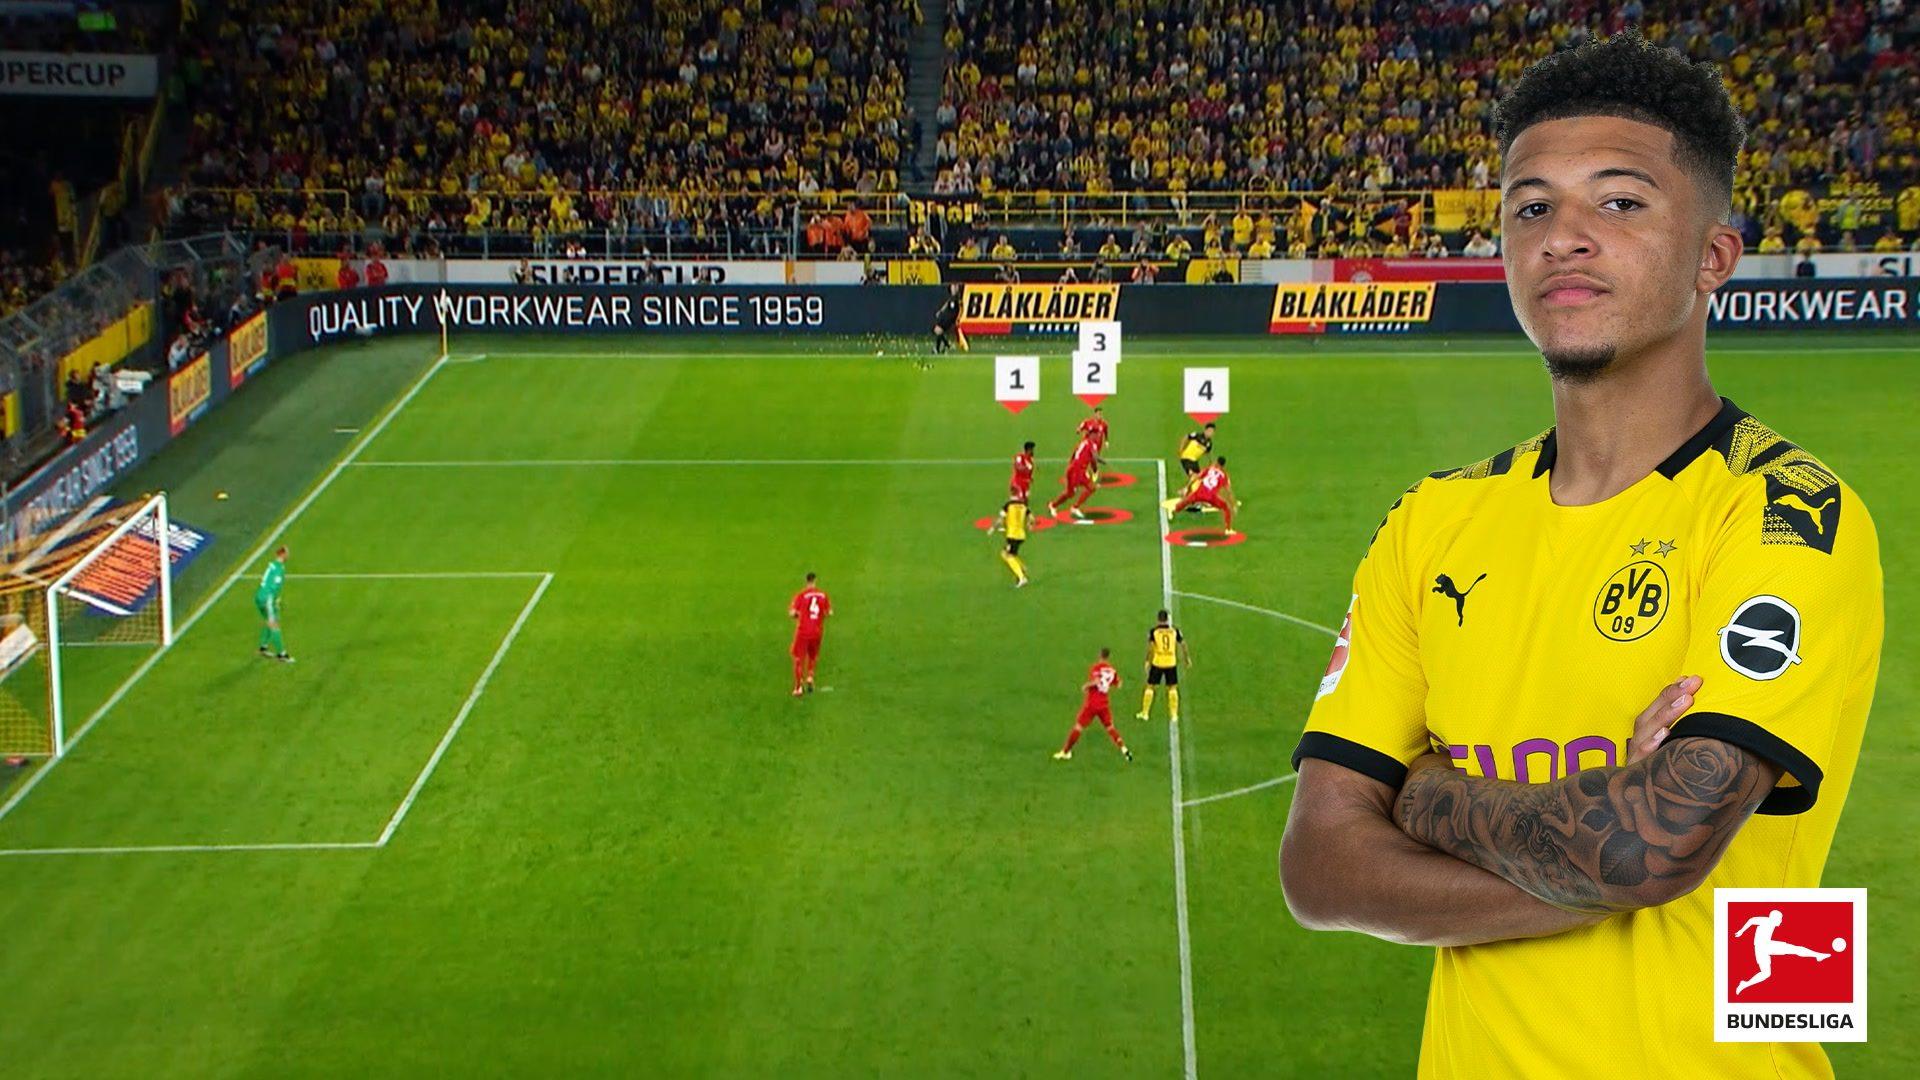 BVB-Star Jadon Sancho mit neuem Bundesliga-Rekord